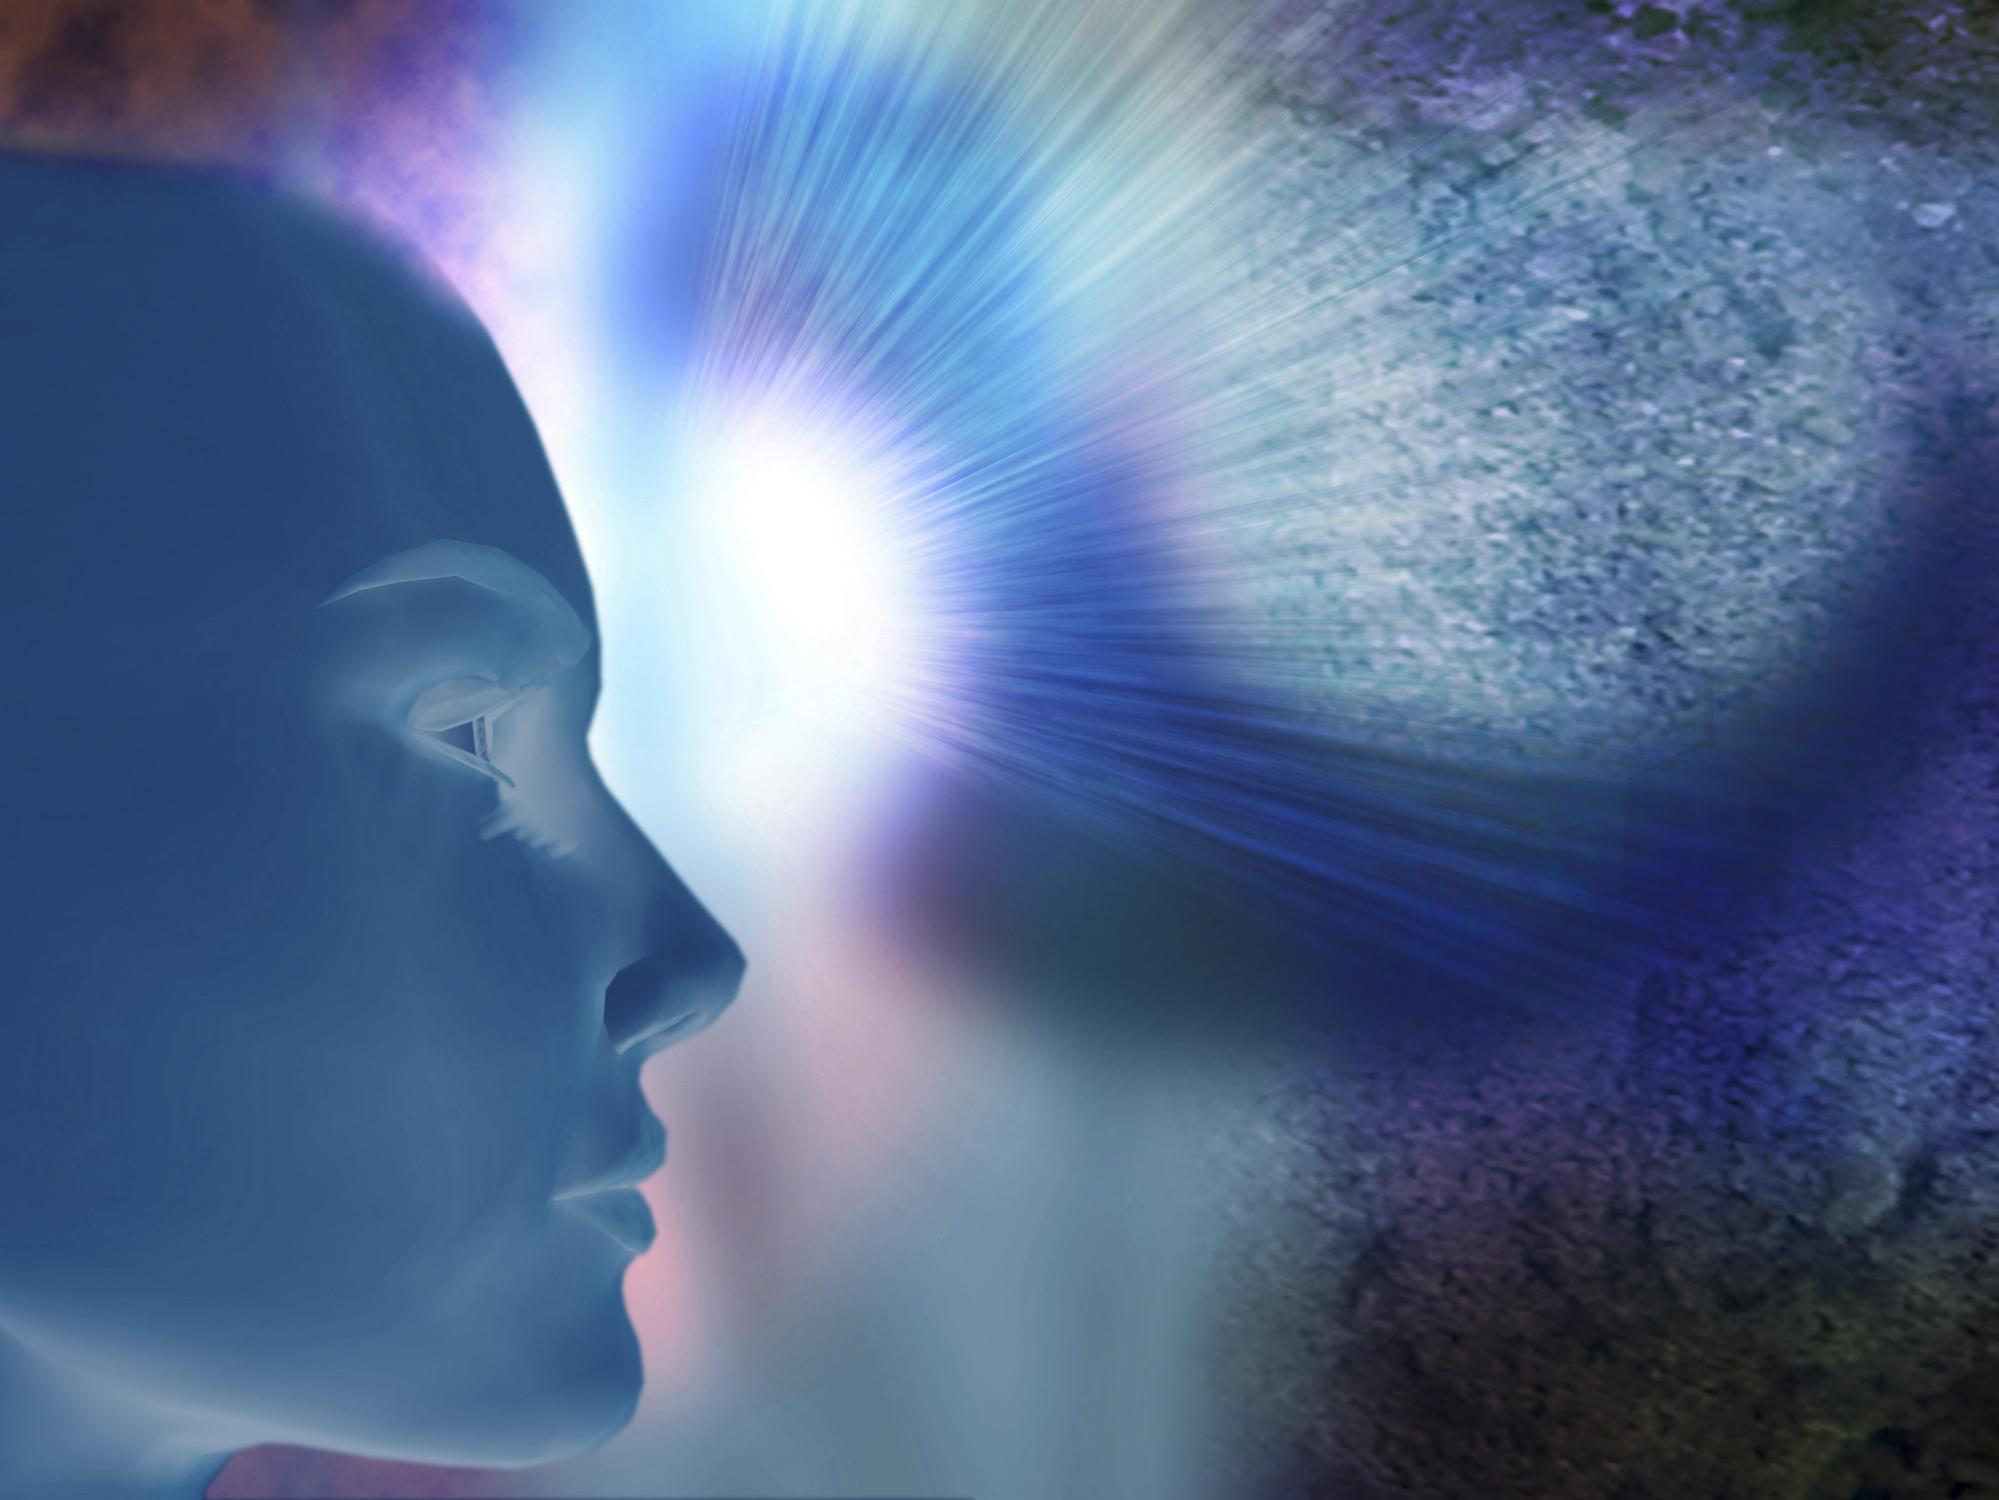 Psychic vs Sensitive